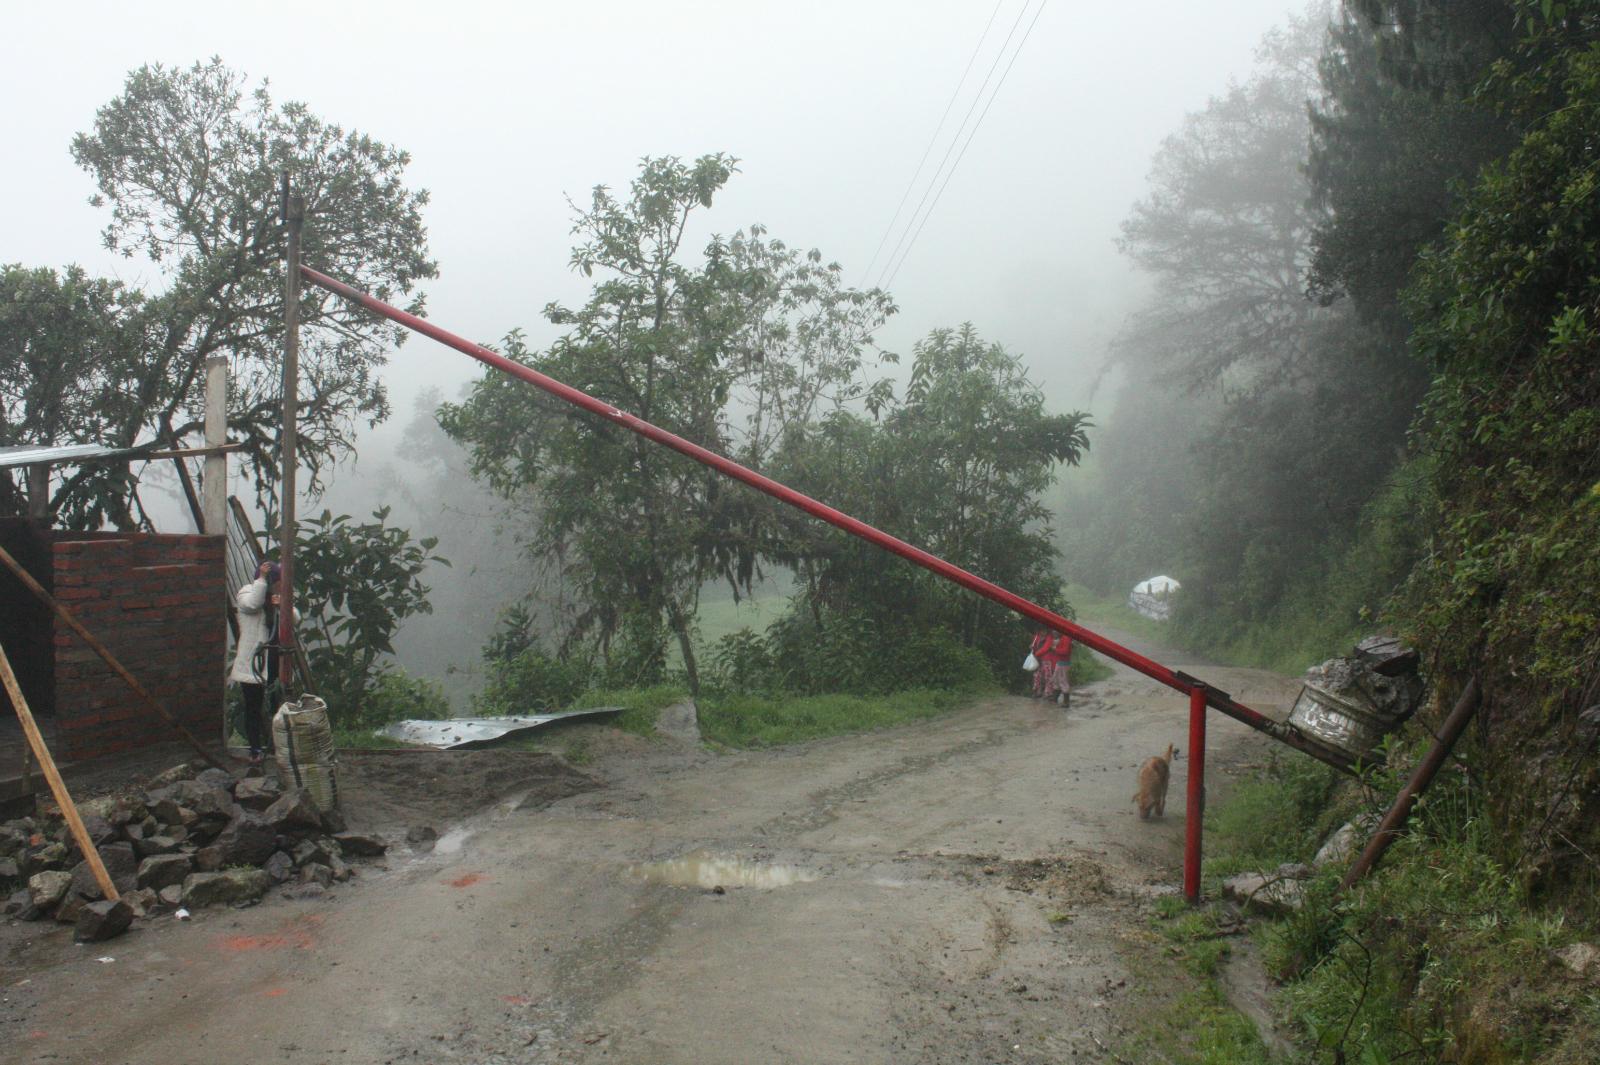 The checkpoint at San Pedro de Yumate (Image: Andrés Bermúdez Liévano)